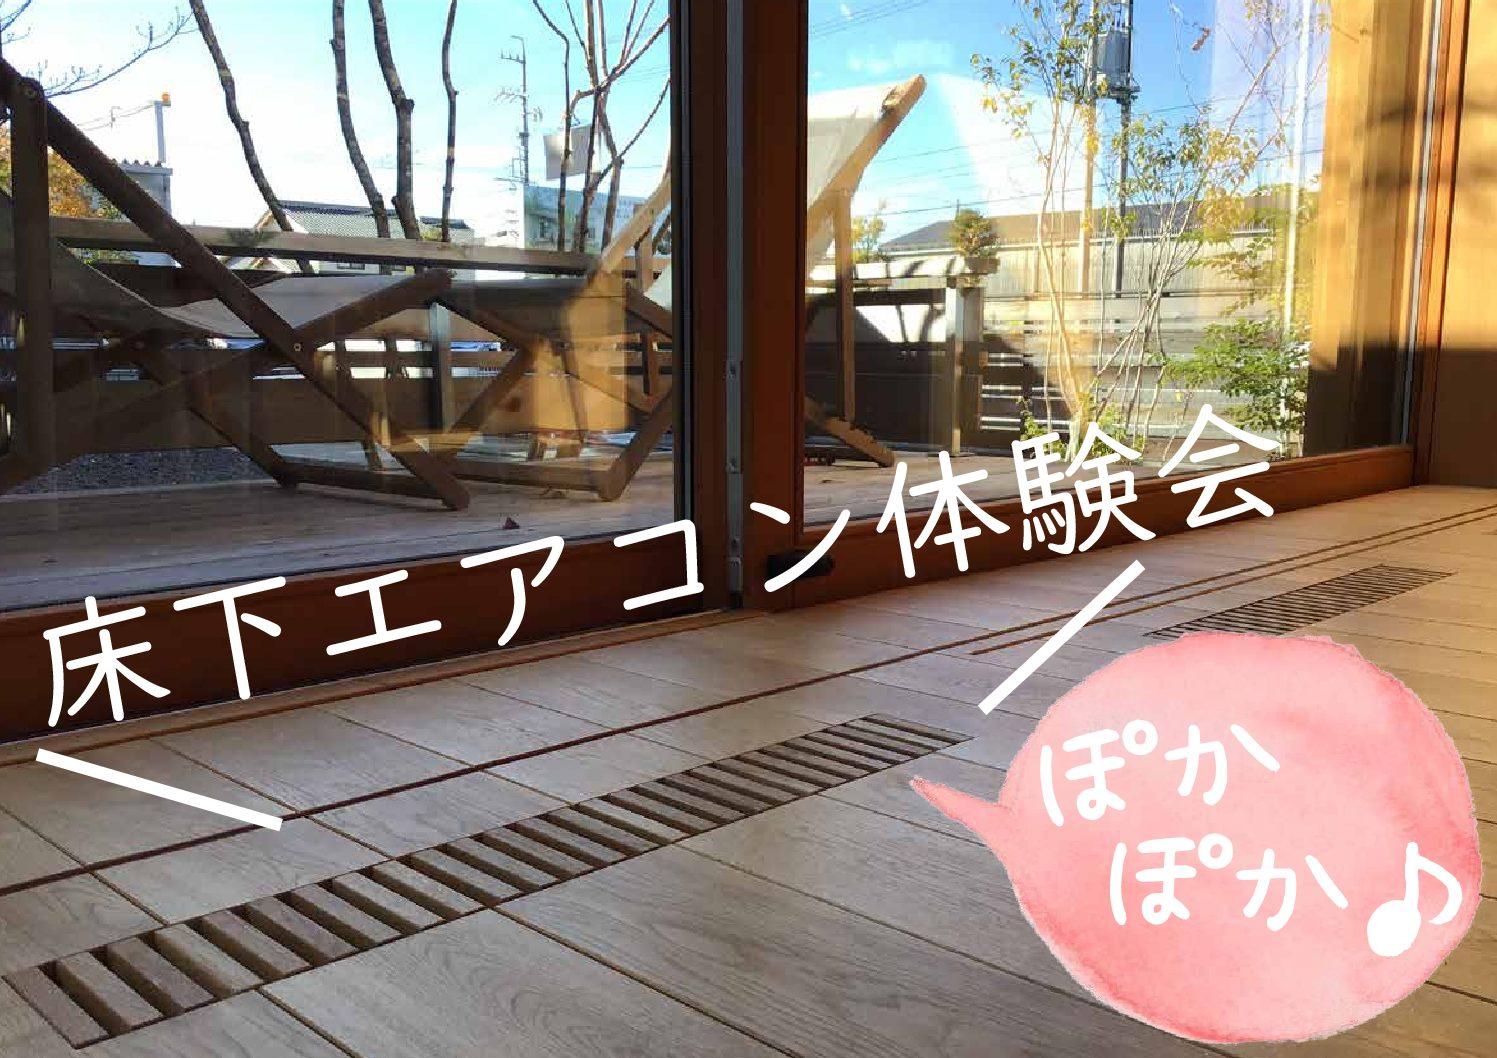 床下エアコン体験会【完全予約制】